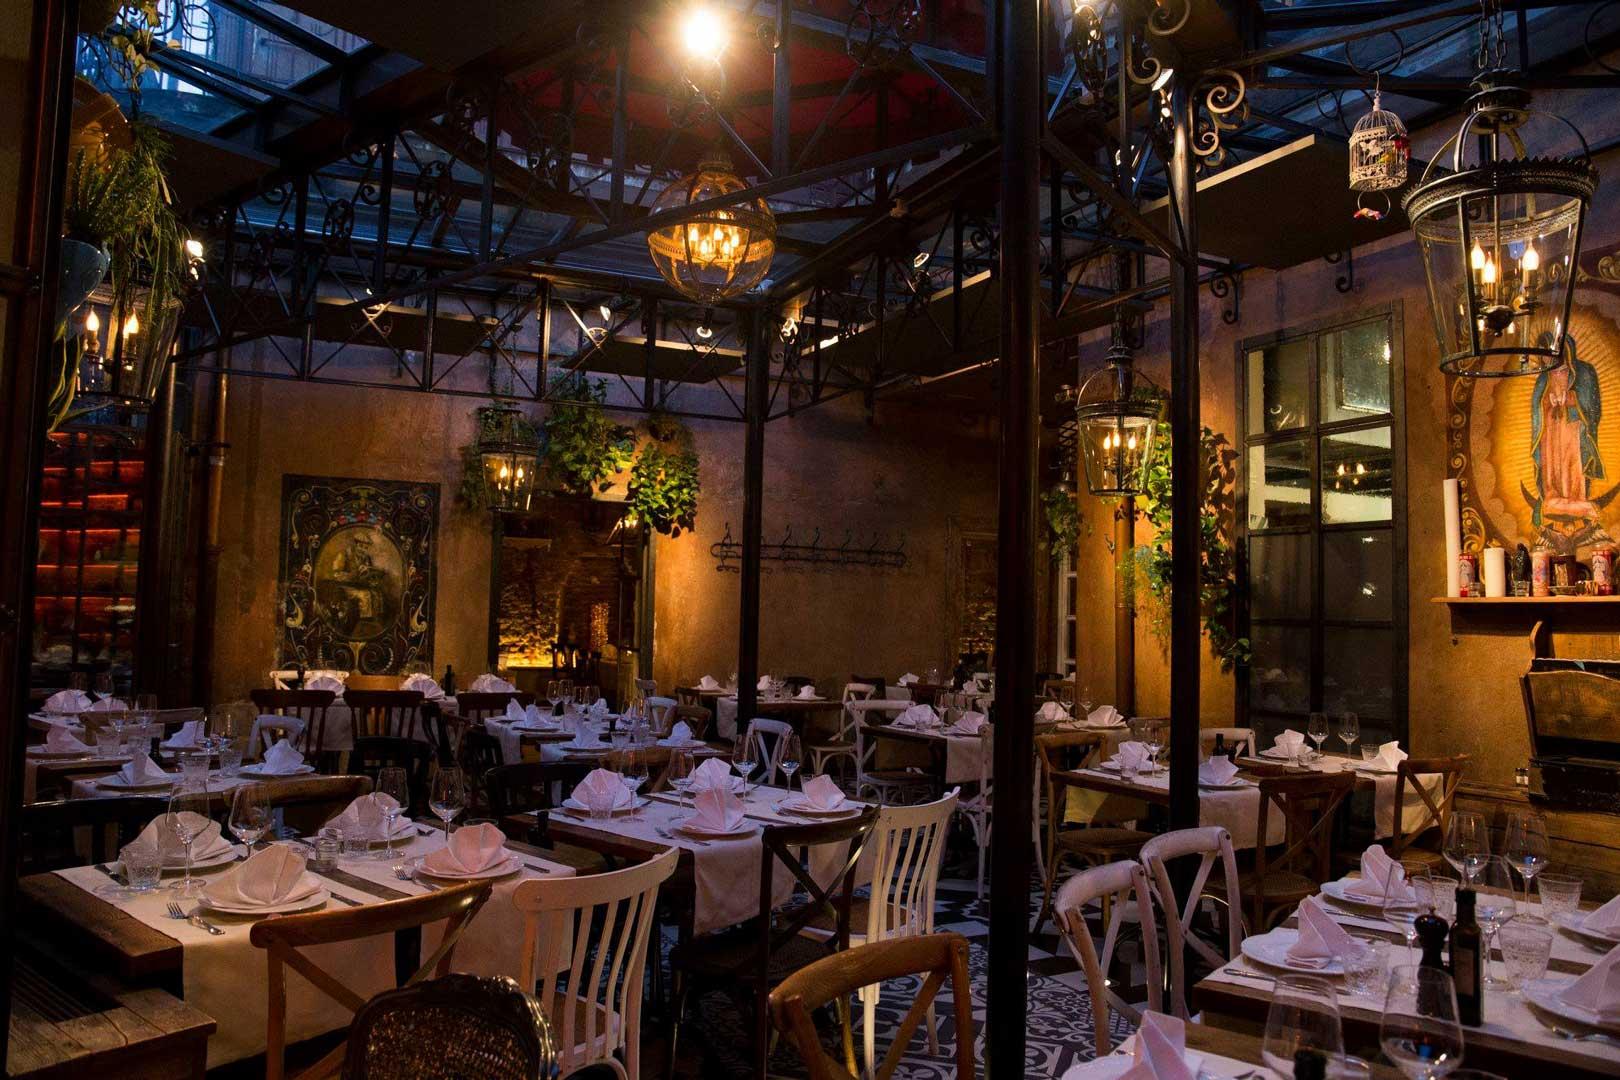 10-ristoranti-per-le-cene-di-natale-con-i-colleghi-el-carnicero